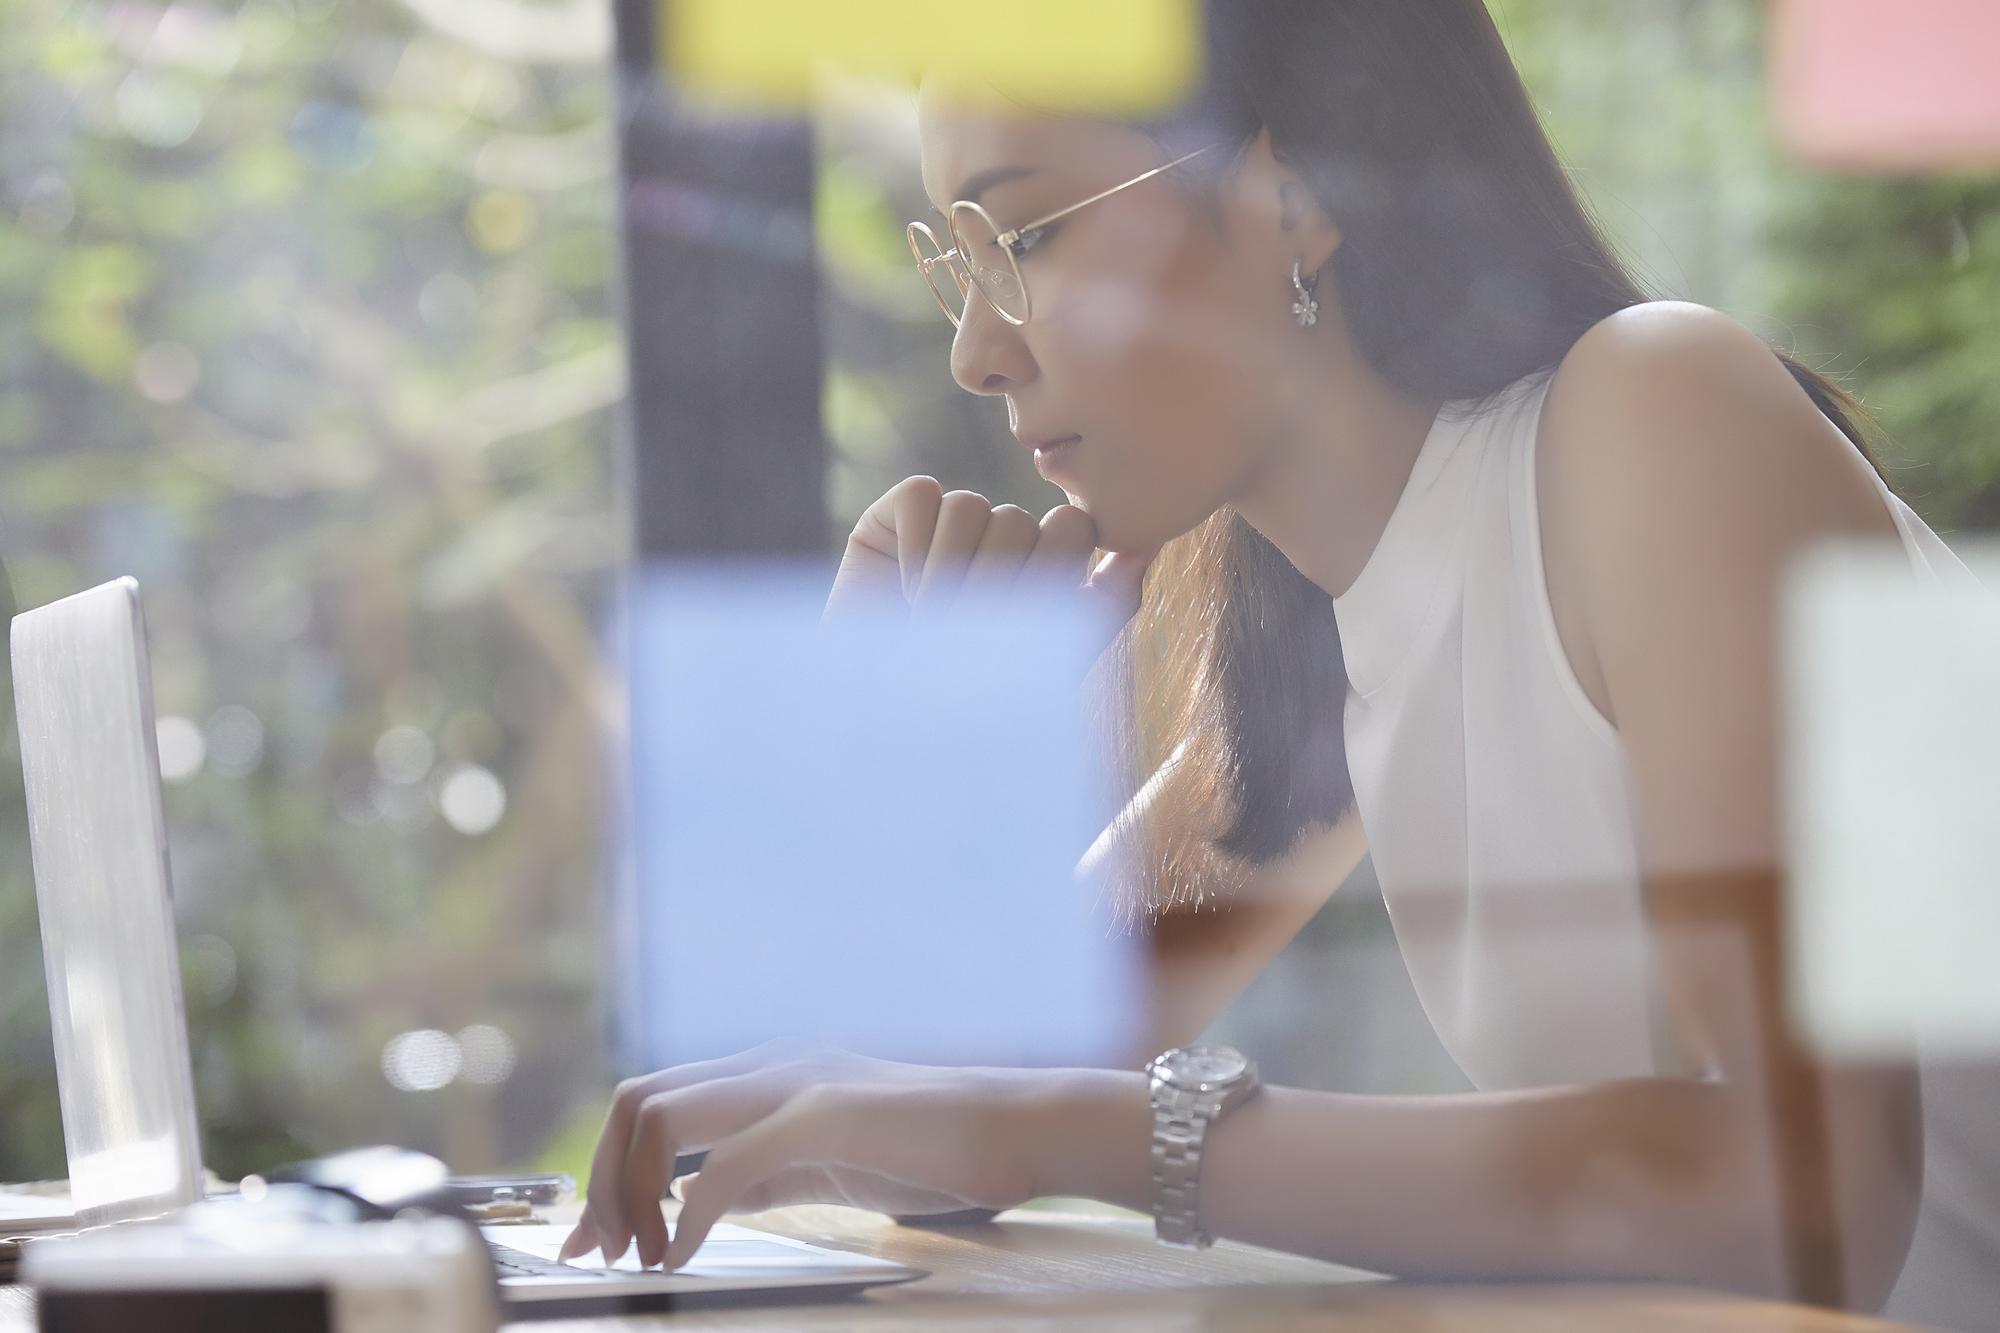 リモートワークをもっと快適に!仕事環境を整える4つのこと|TIME SHARING|タイムシェアリング |スペースマネジメント|あどばる|adval|SHARING